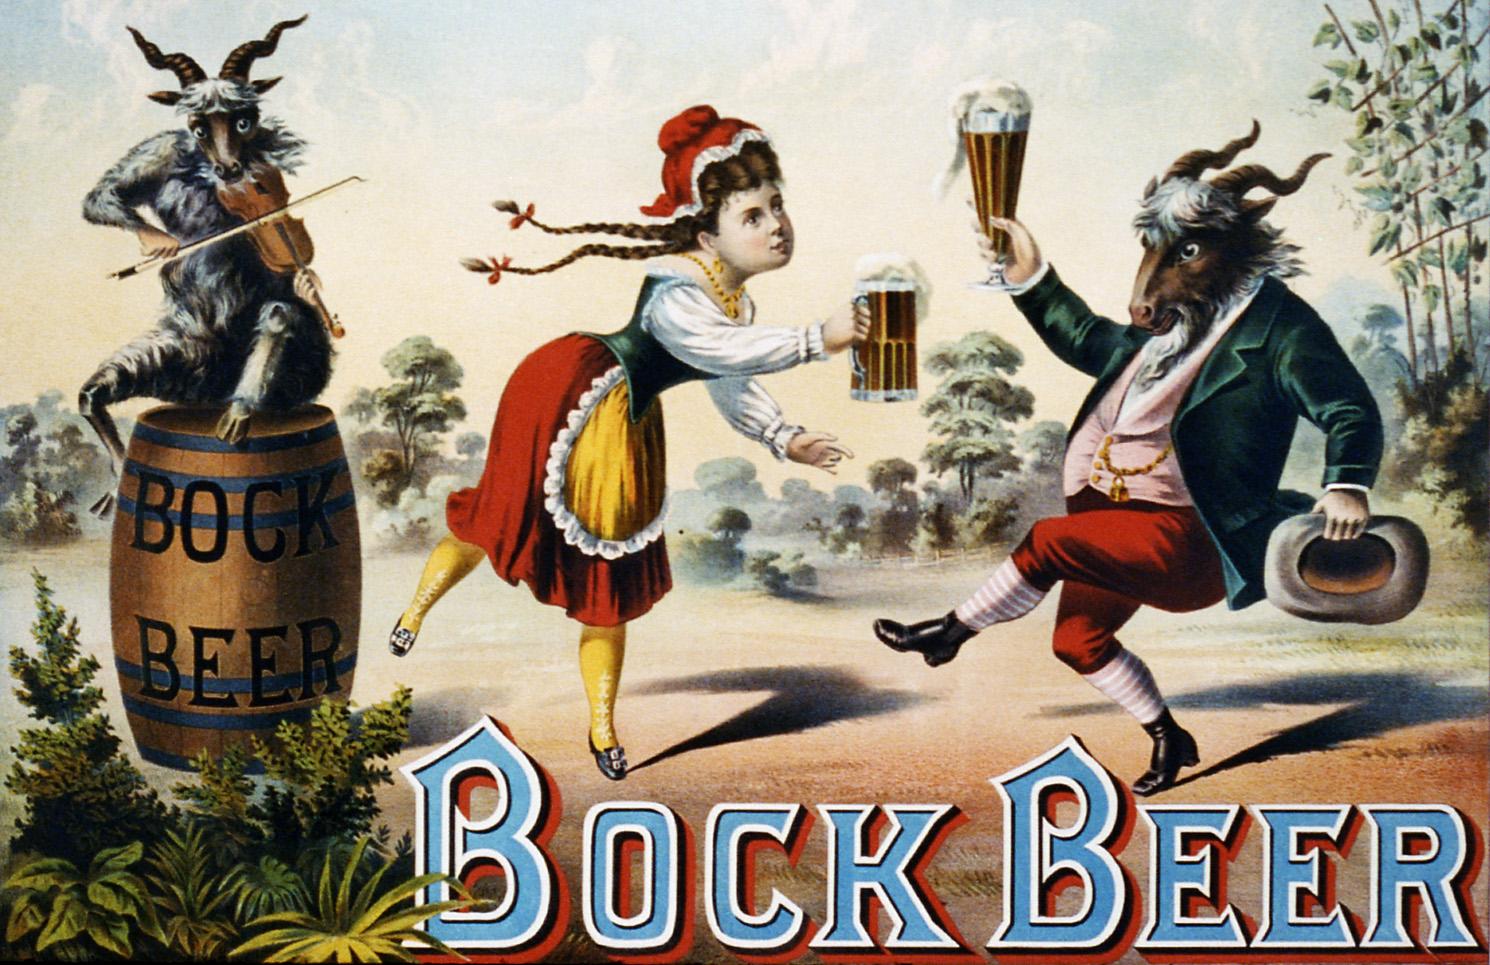 Bock Beer Advertising